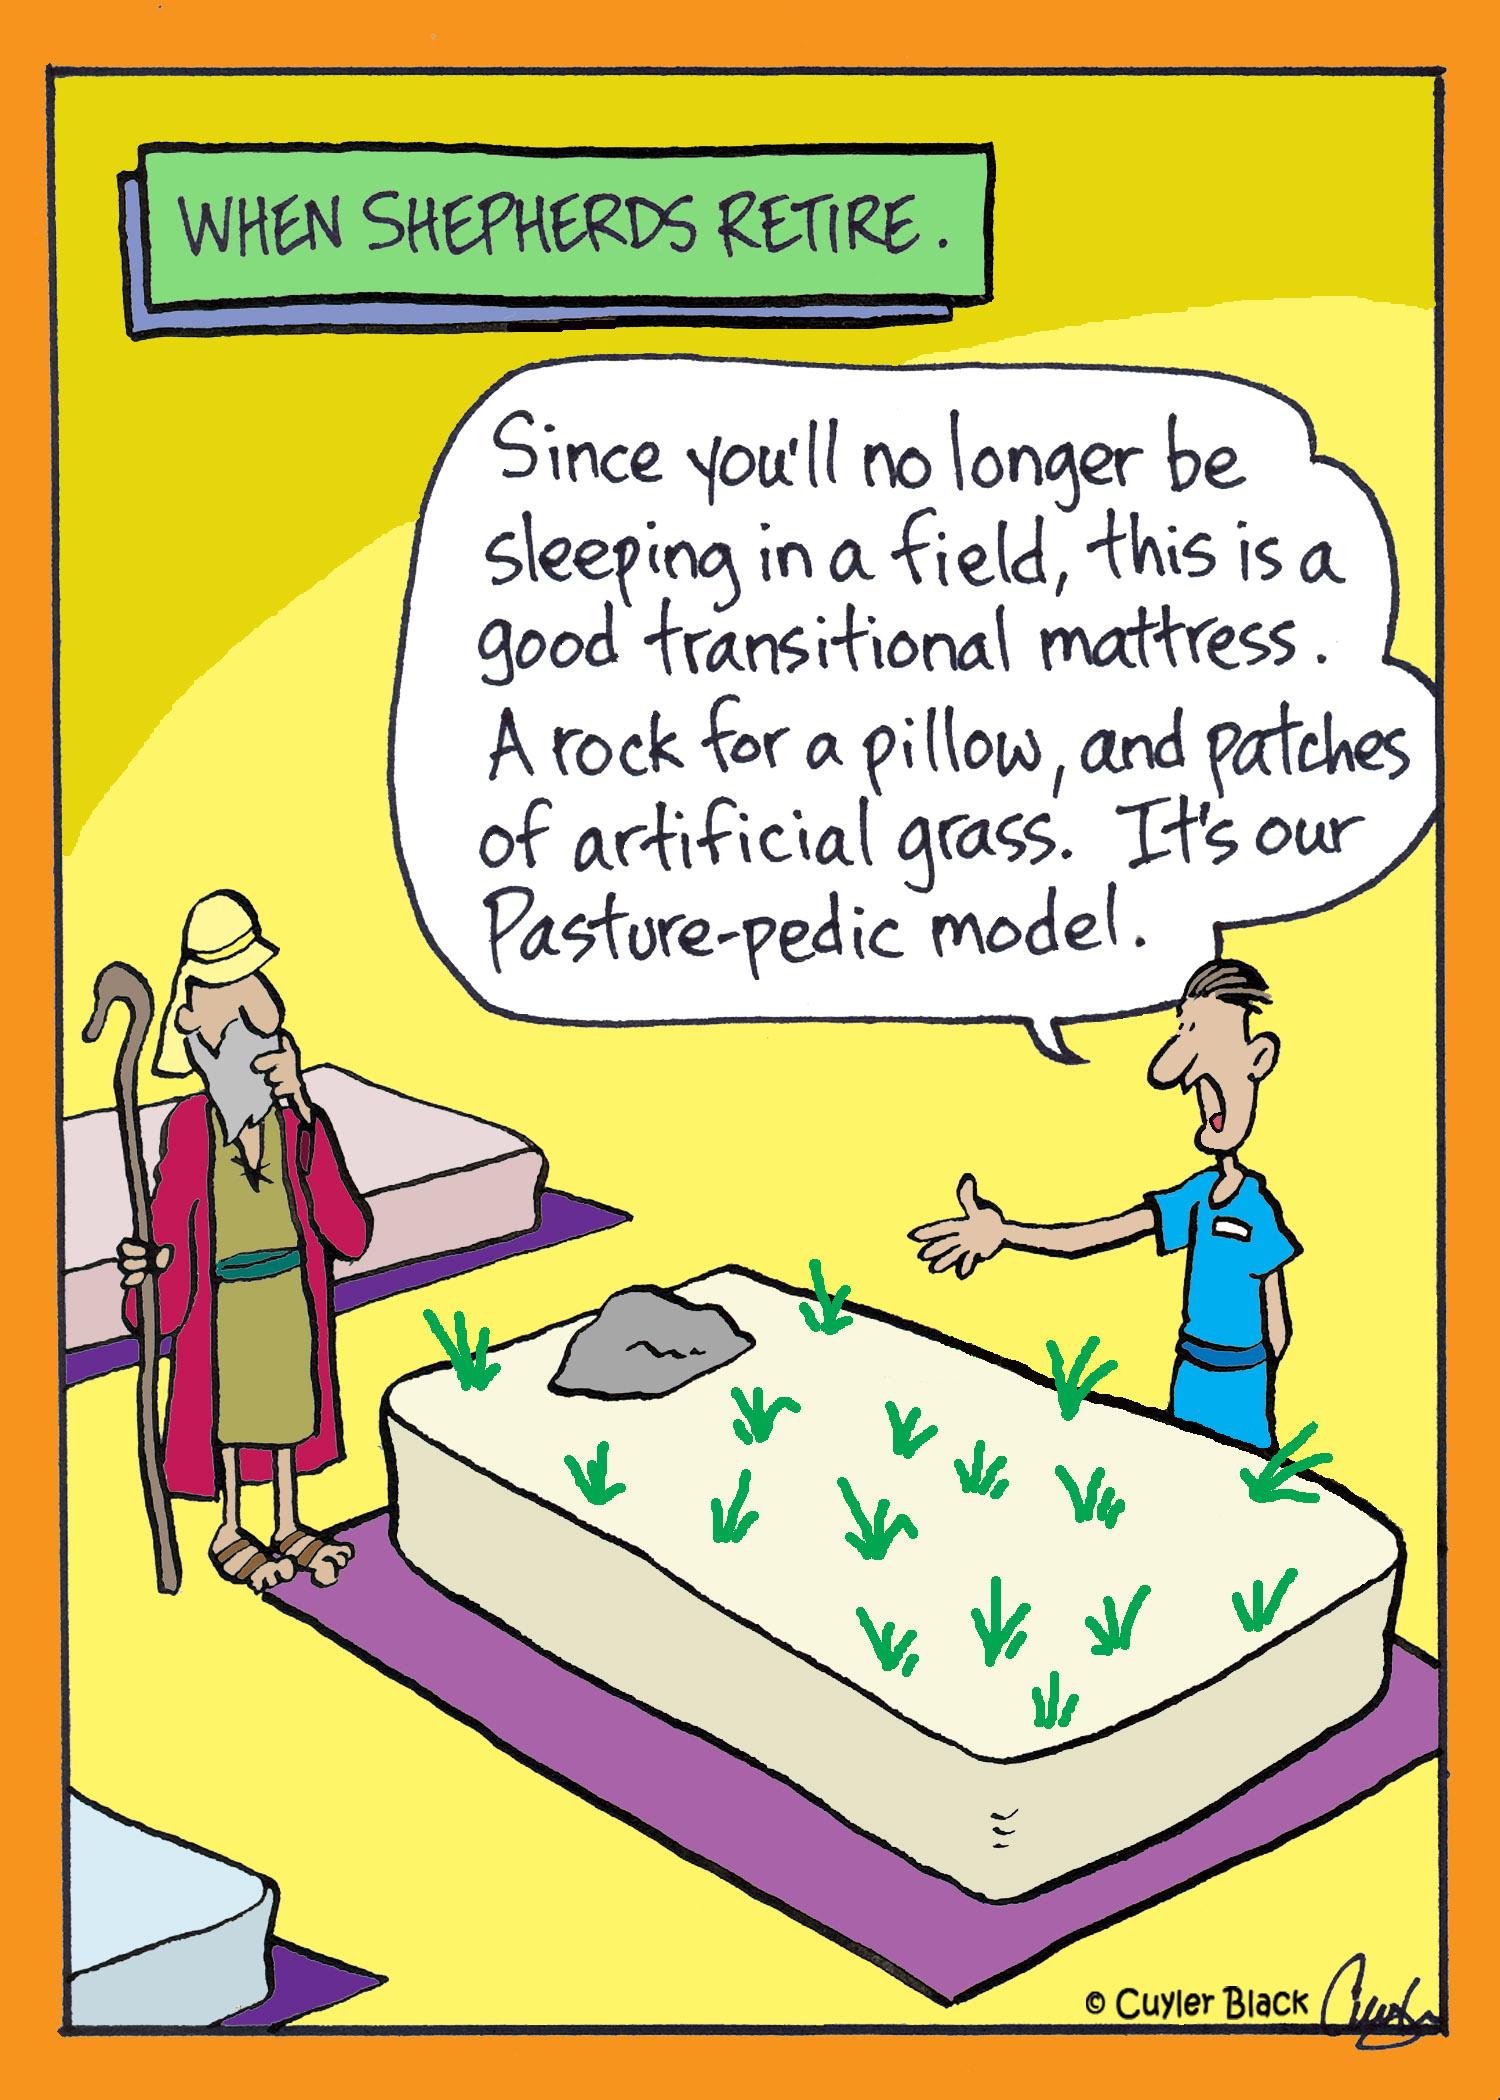 when shepherds retire.jpg